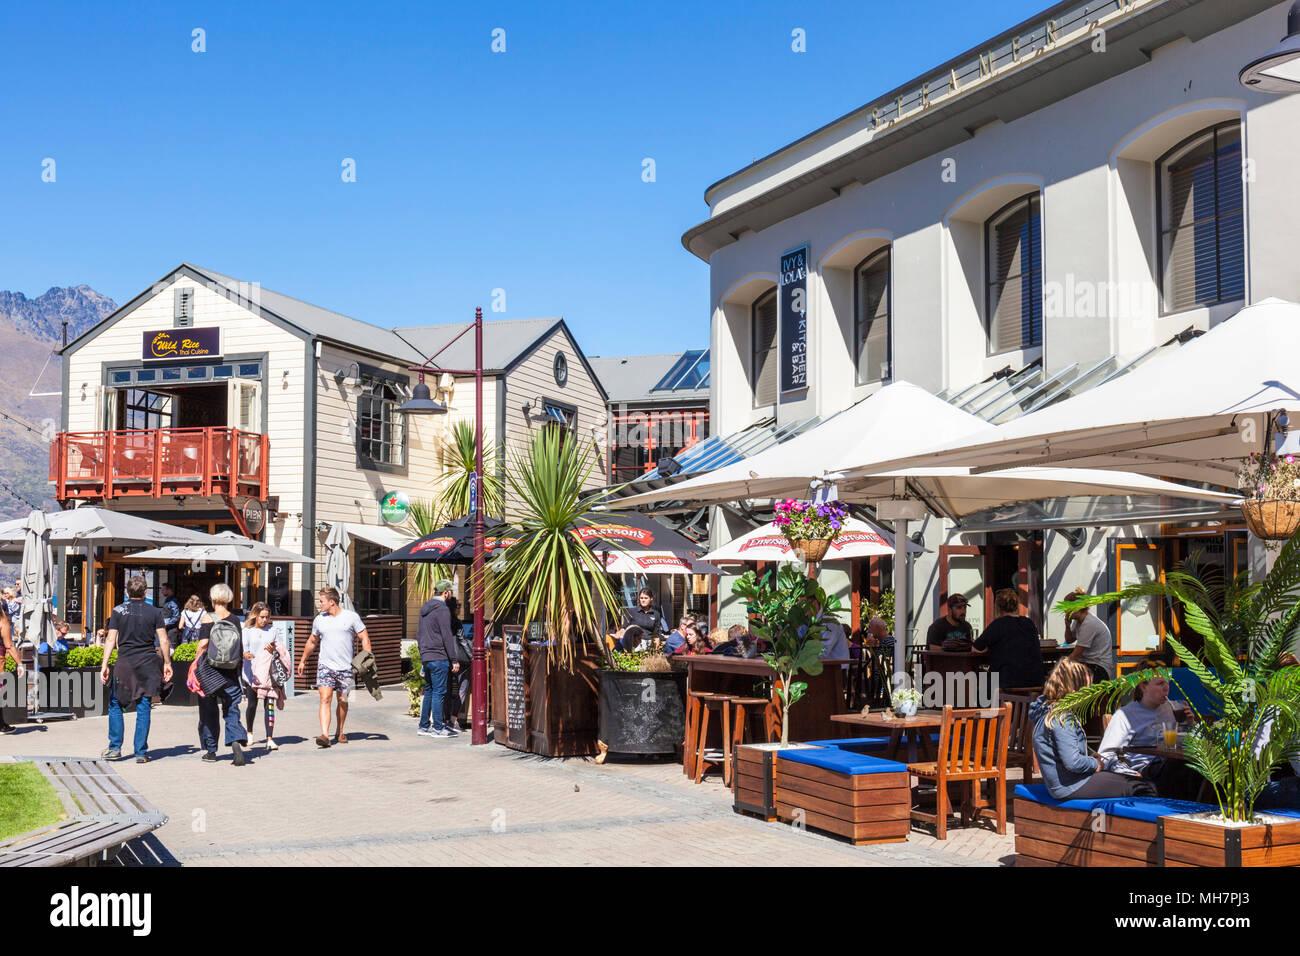 Queenstown, Südinsel Neuseeland bars Efeu und Lola's und Pier Restaurant an der Küste in der Nähe von Steamer quay Innenstadt Queenstown Neuseeland nz Stockbild